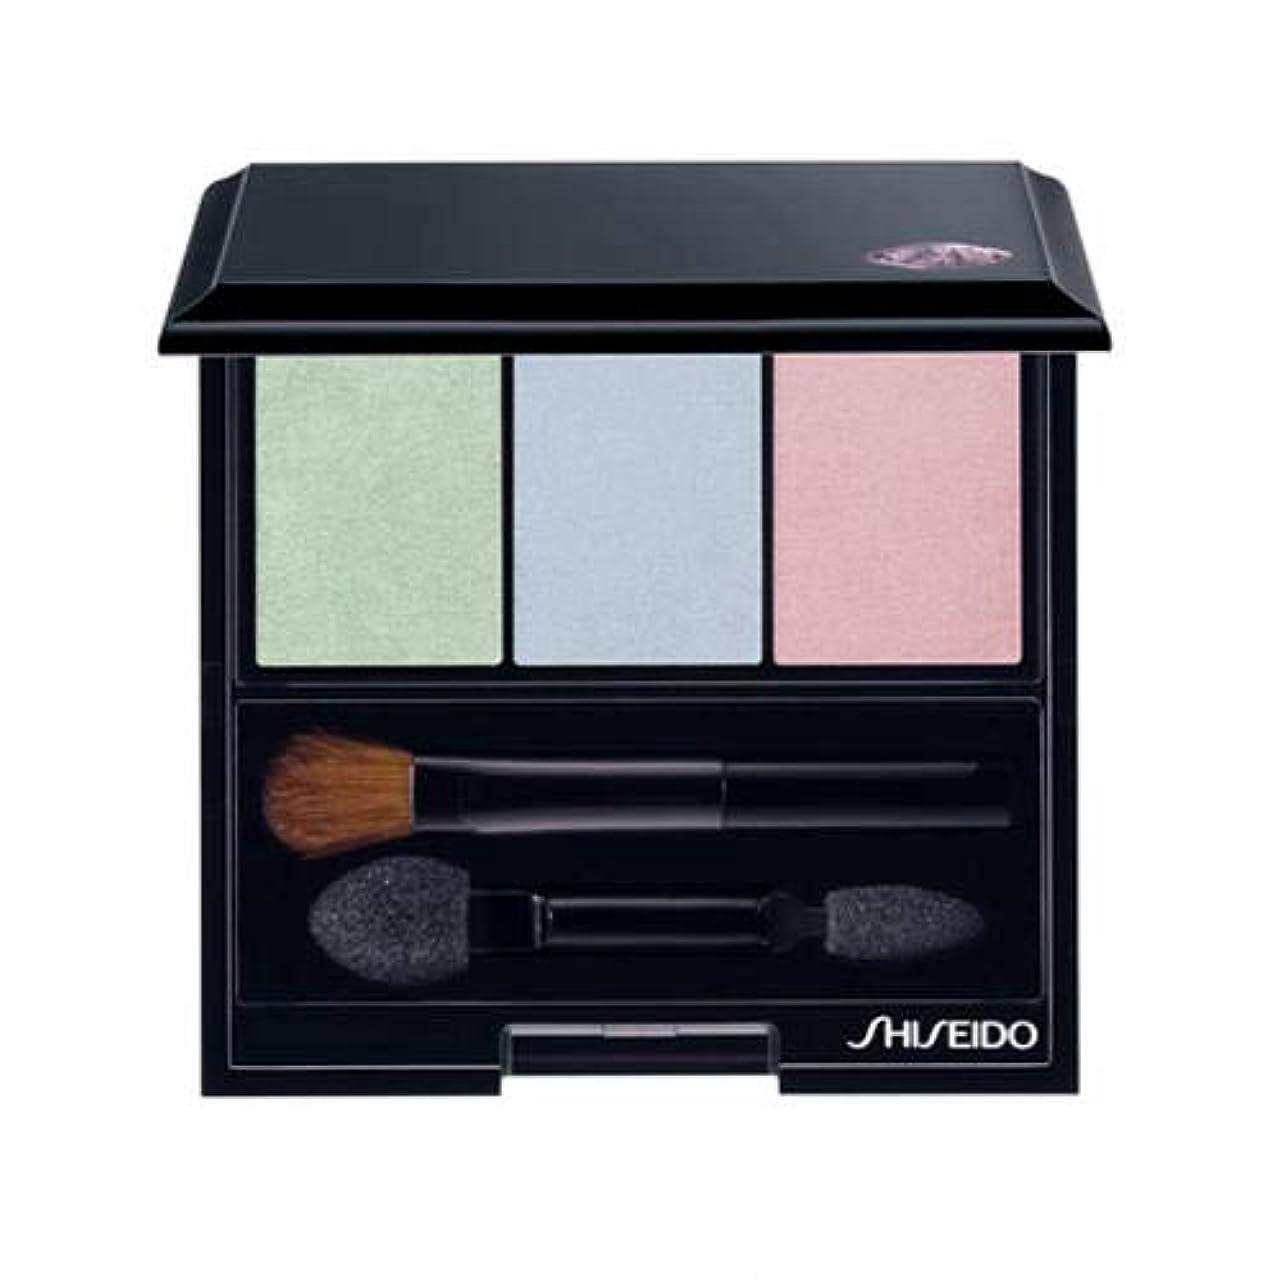 頬骨規制セント資生堂 ルミナイジング サテン アイカラー トリオ BL215(Shiseido Luminizing Satin Eye Color Trio BL215) [並行輸入品]